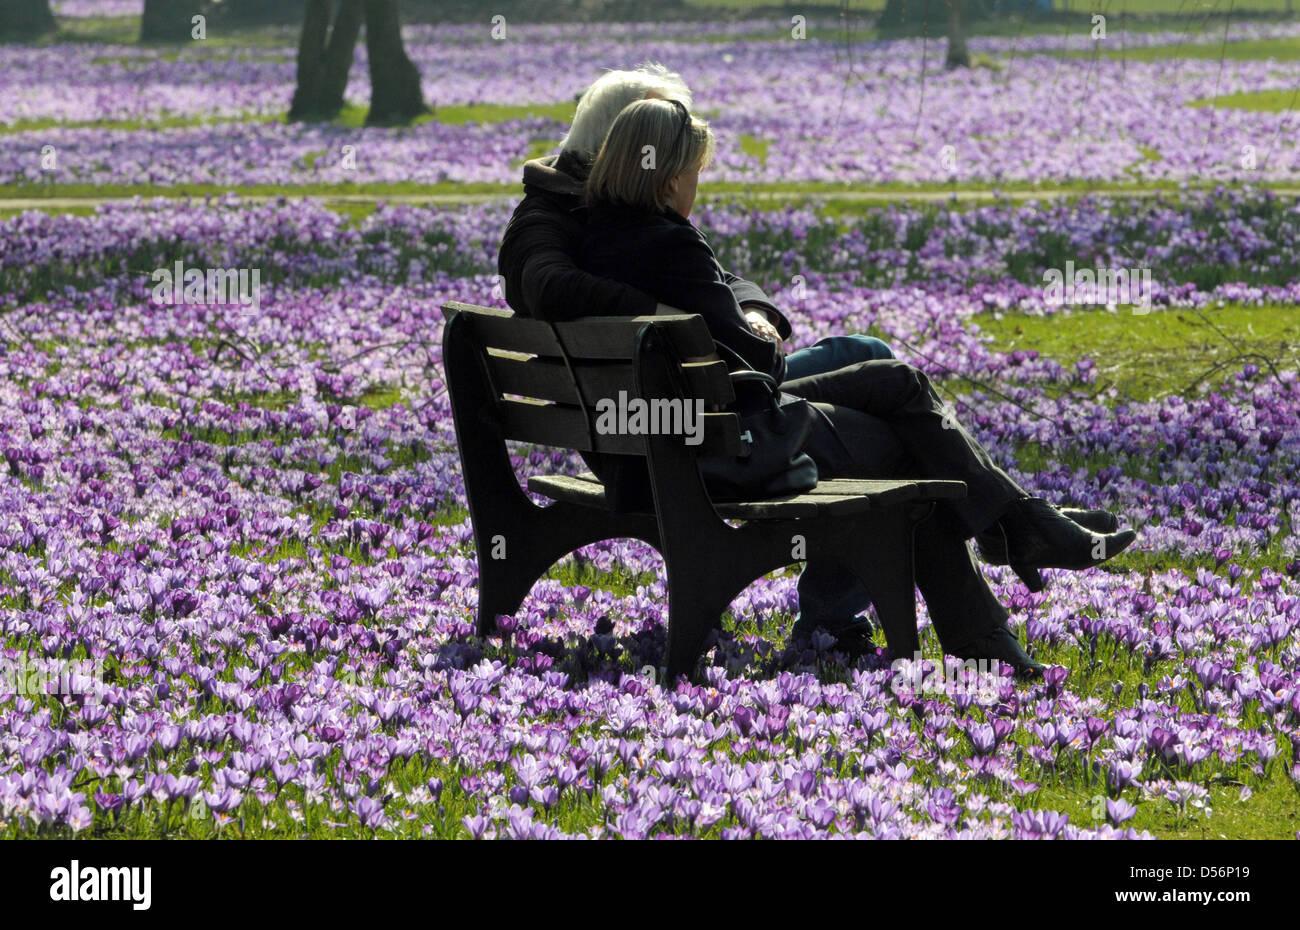 Ein Mann und eine Frau sitzen bei strahlendem Sonnenschein und Temperaturen um die 18 Grad am Donnerstag (18.03.2010) Stock Photo